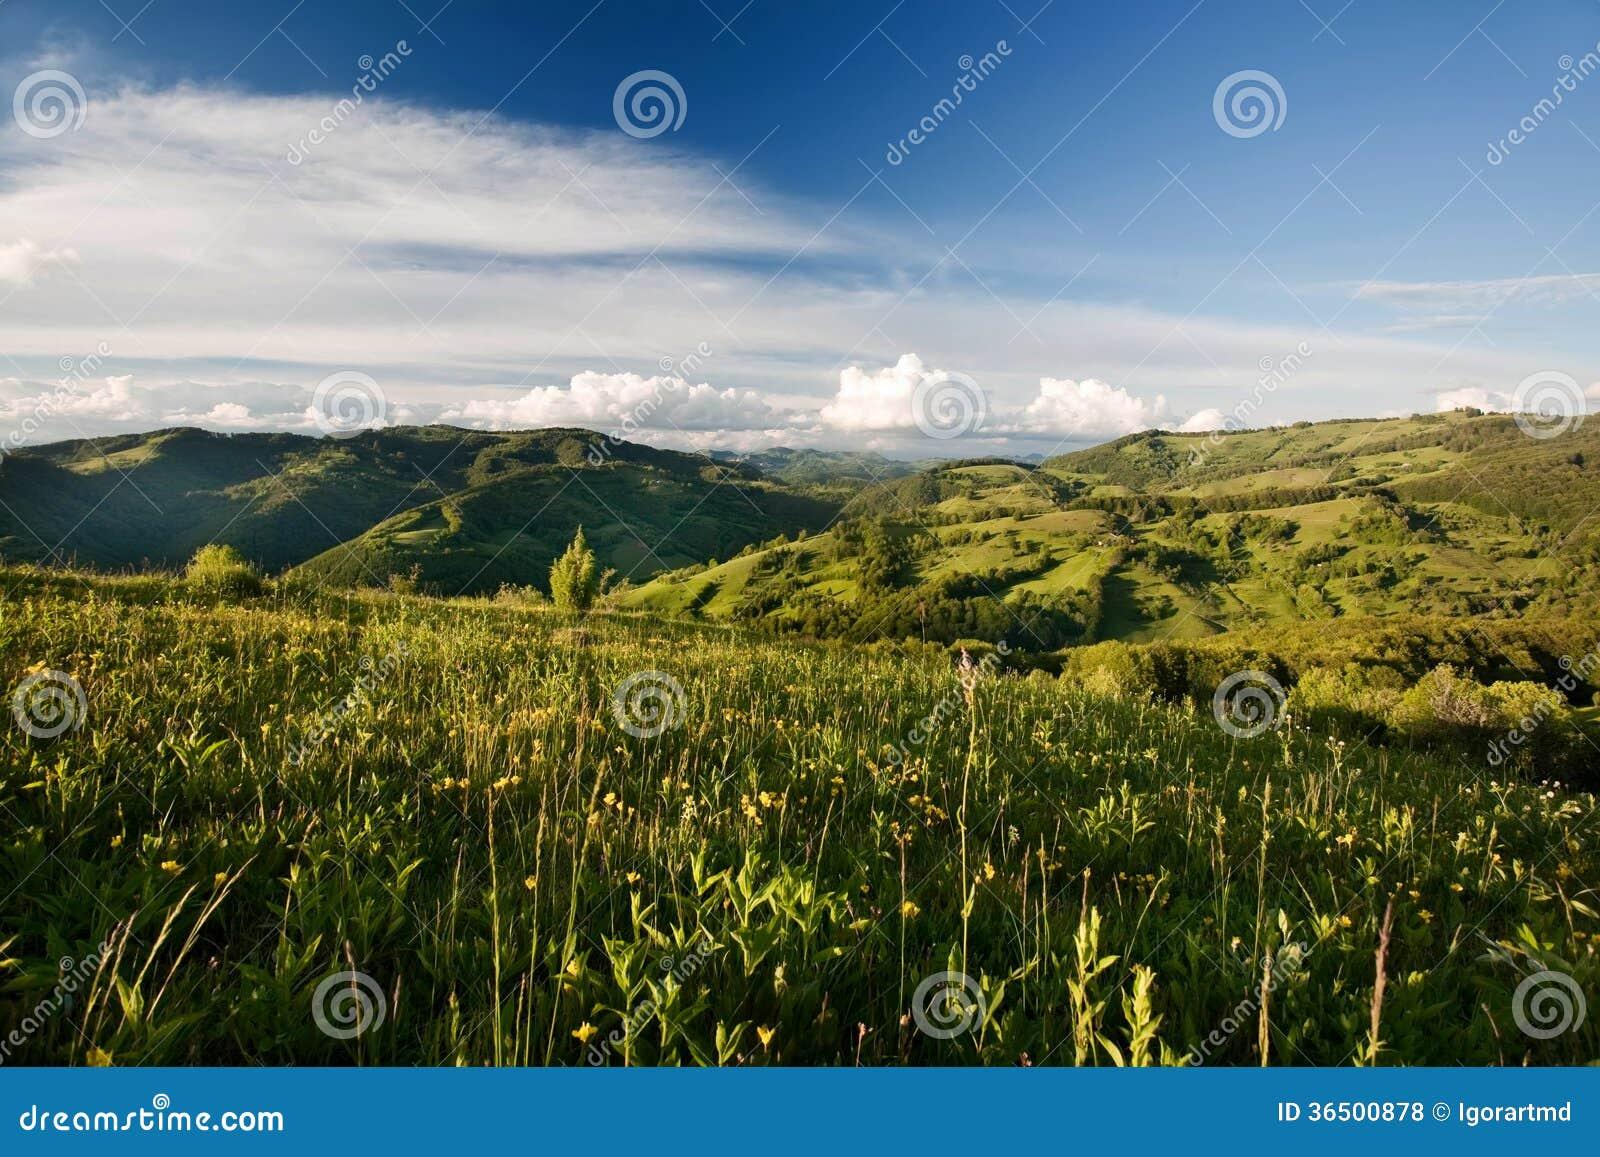 Montagne carpathienne